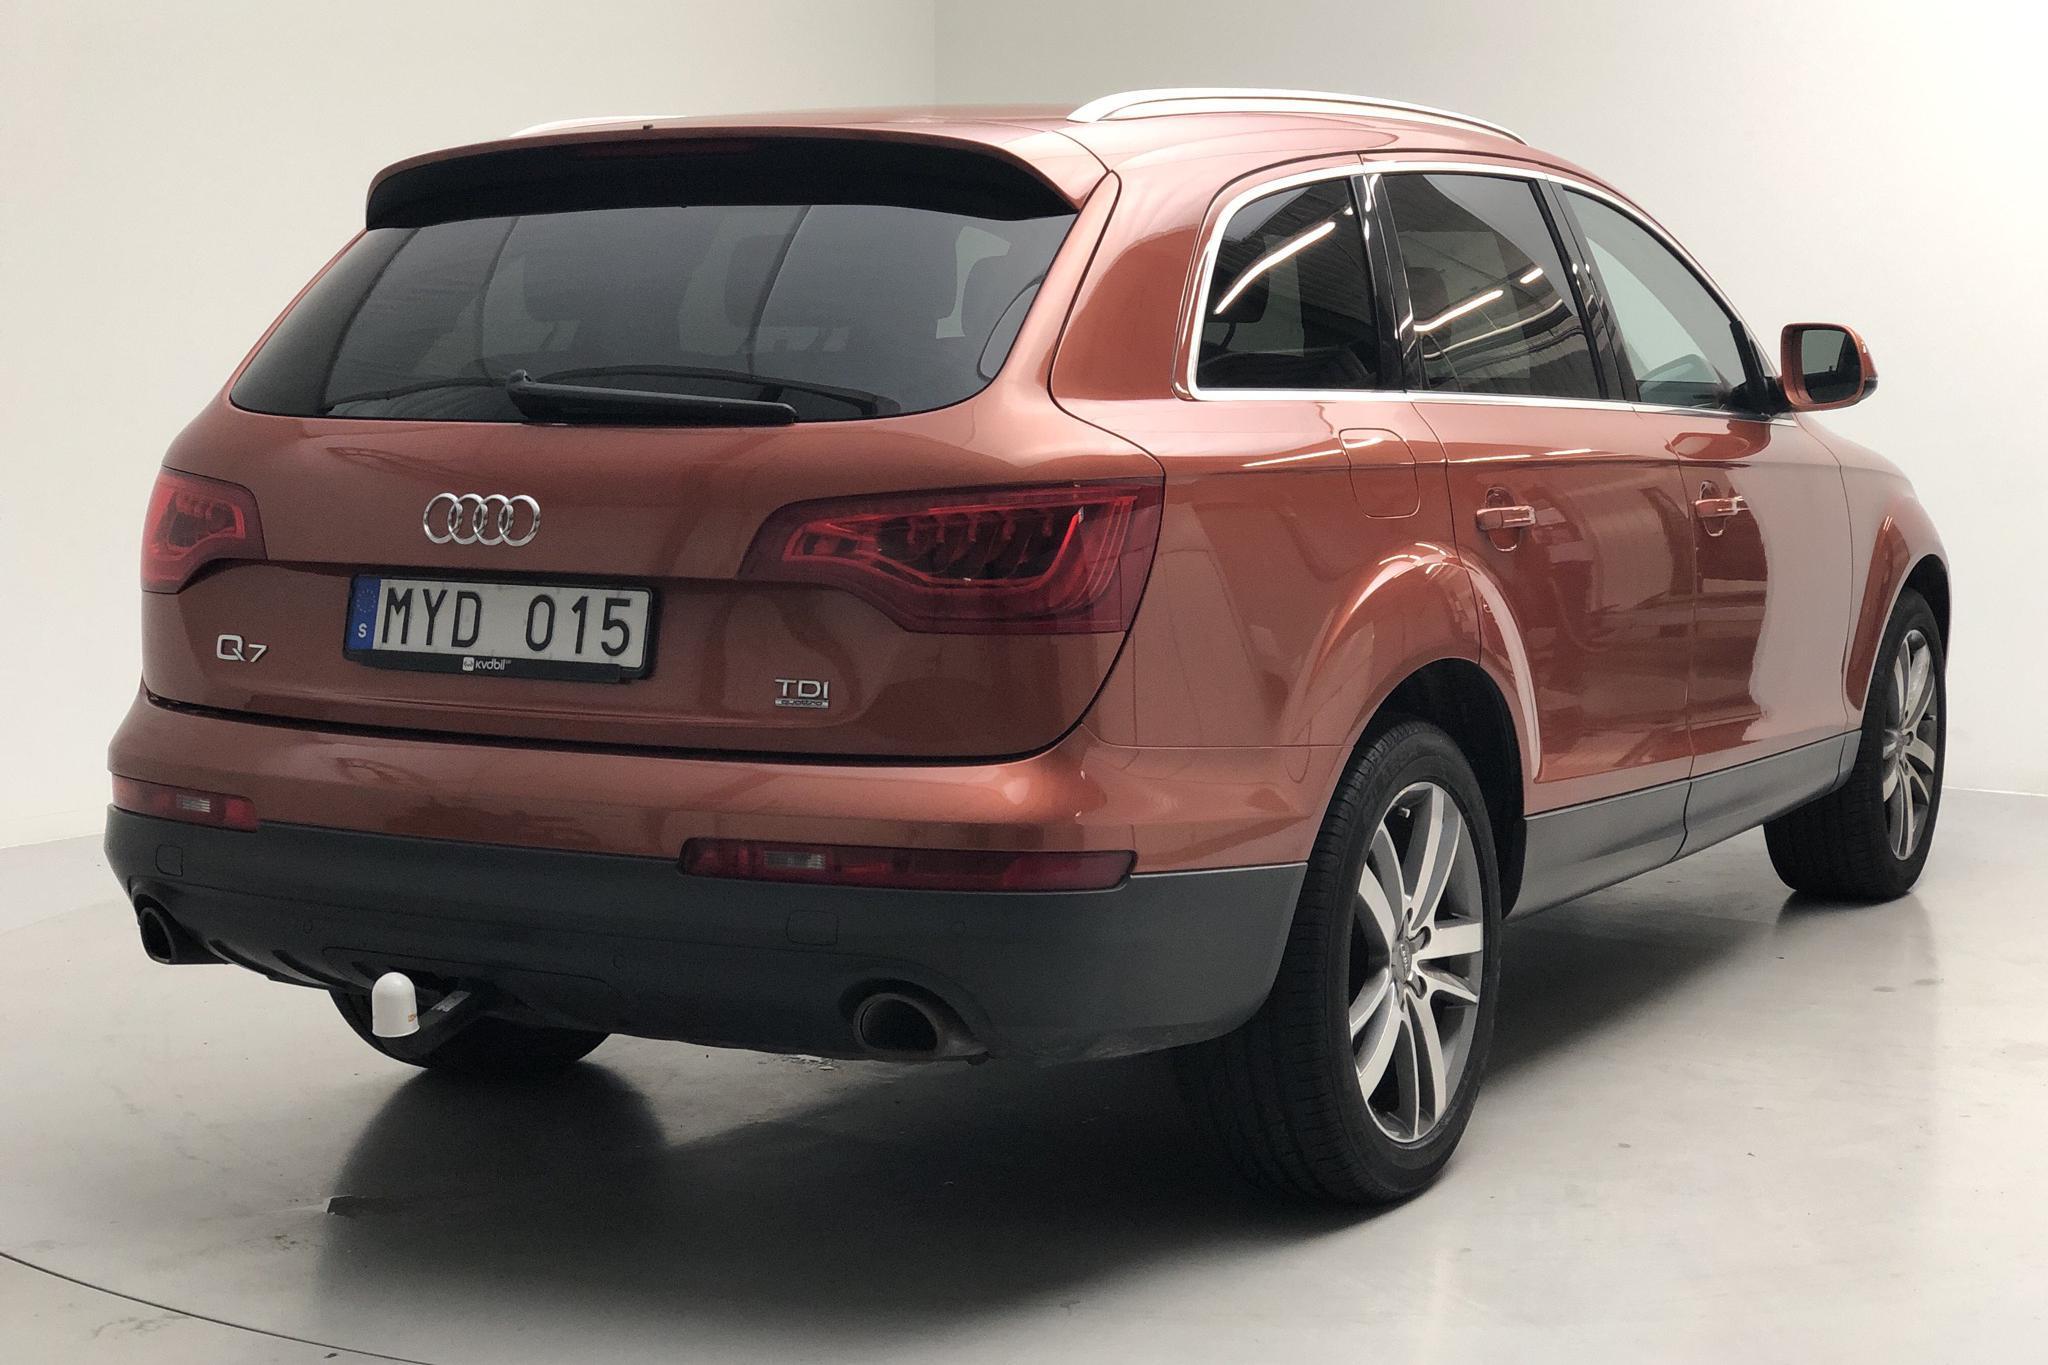 Audi Q7 3.0 TDI quattro (204hk) - 150 650 km - Automatic - 2013